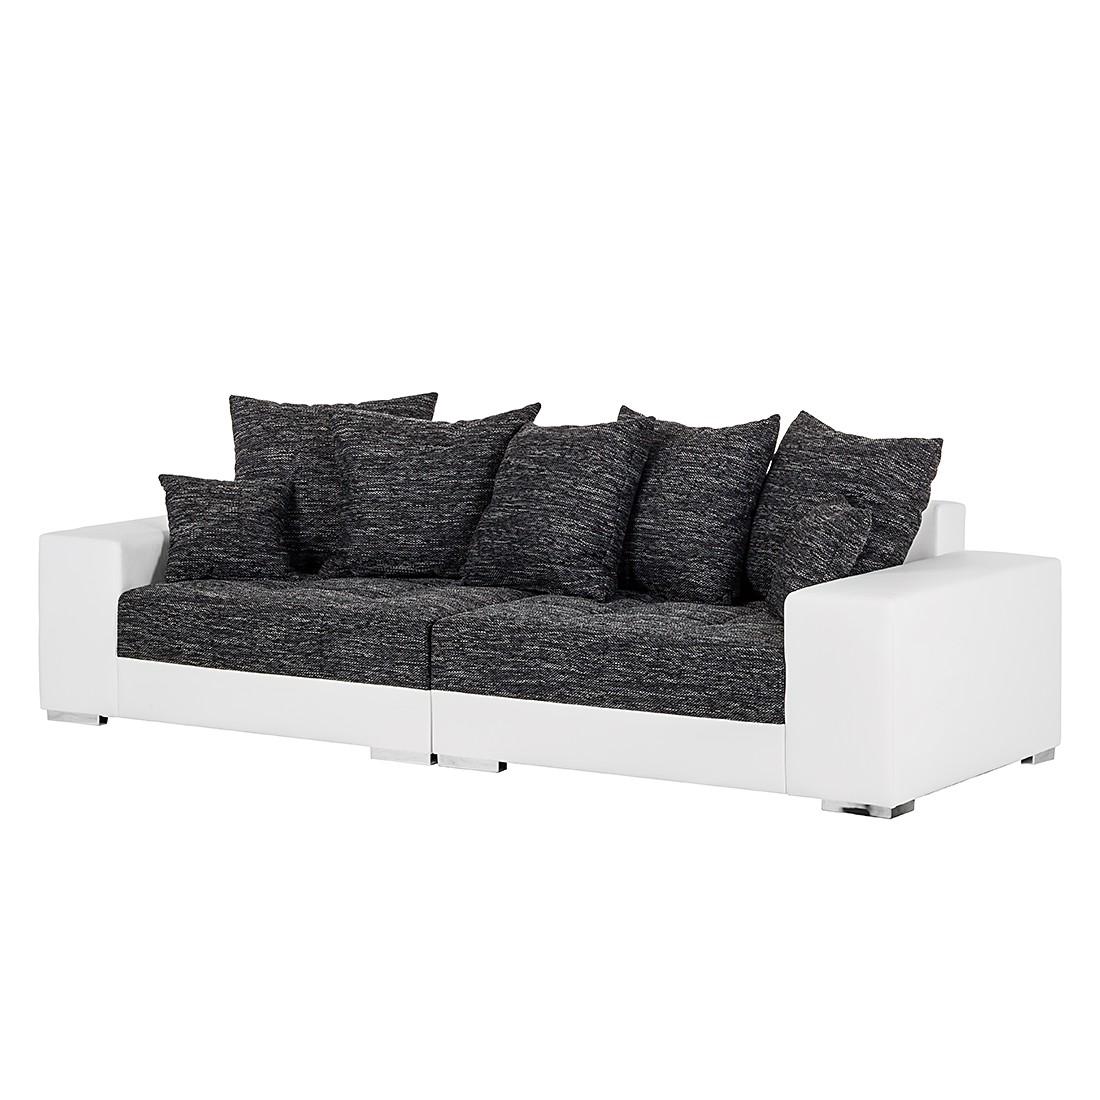 Grand canapé Cinder - Cuir synthétique blanc / Tissu structuré noir, loftscape